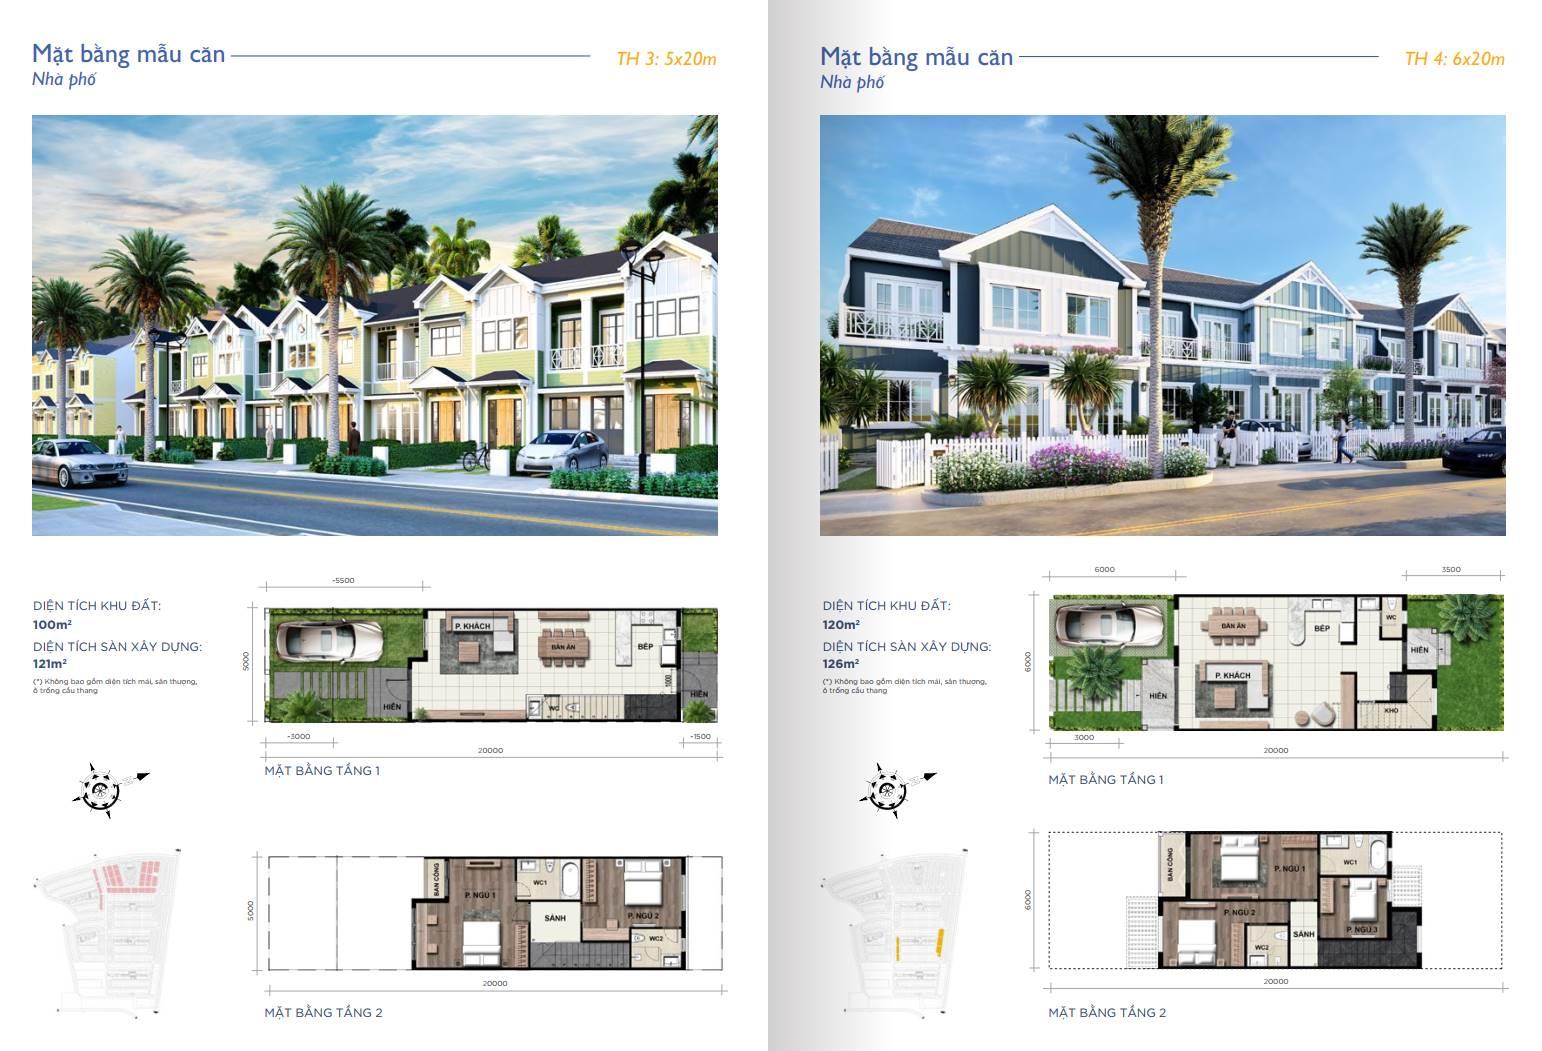 Nha-Pho-Florida-5x20-6x20-TH3-NovaWorld-Phan-Thiet-Binh-Thuan-Novaland